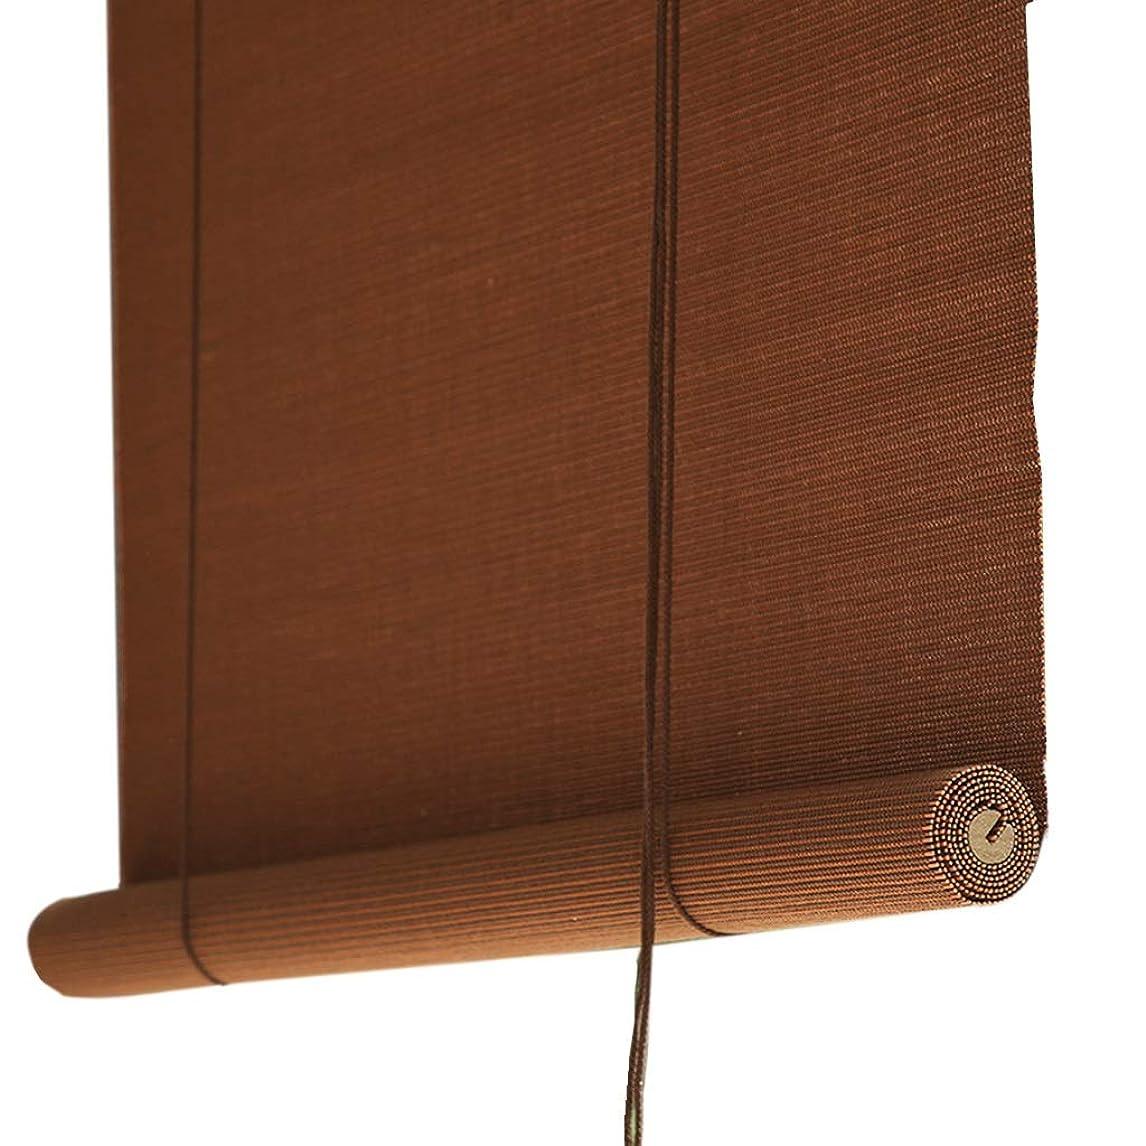 宿命自転車言うすだれ ロールスクリーン 屋外の寝室用、55cm / 75cm / 95cm / 115cm / 135cmの幅の広い竹の日よけ??、茶色のための軽くて大きなローラーブラインド (サイズ さいず : 75×210cm)